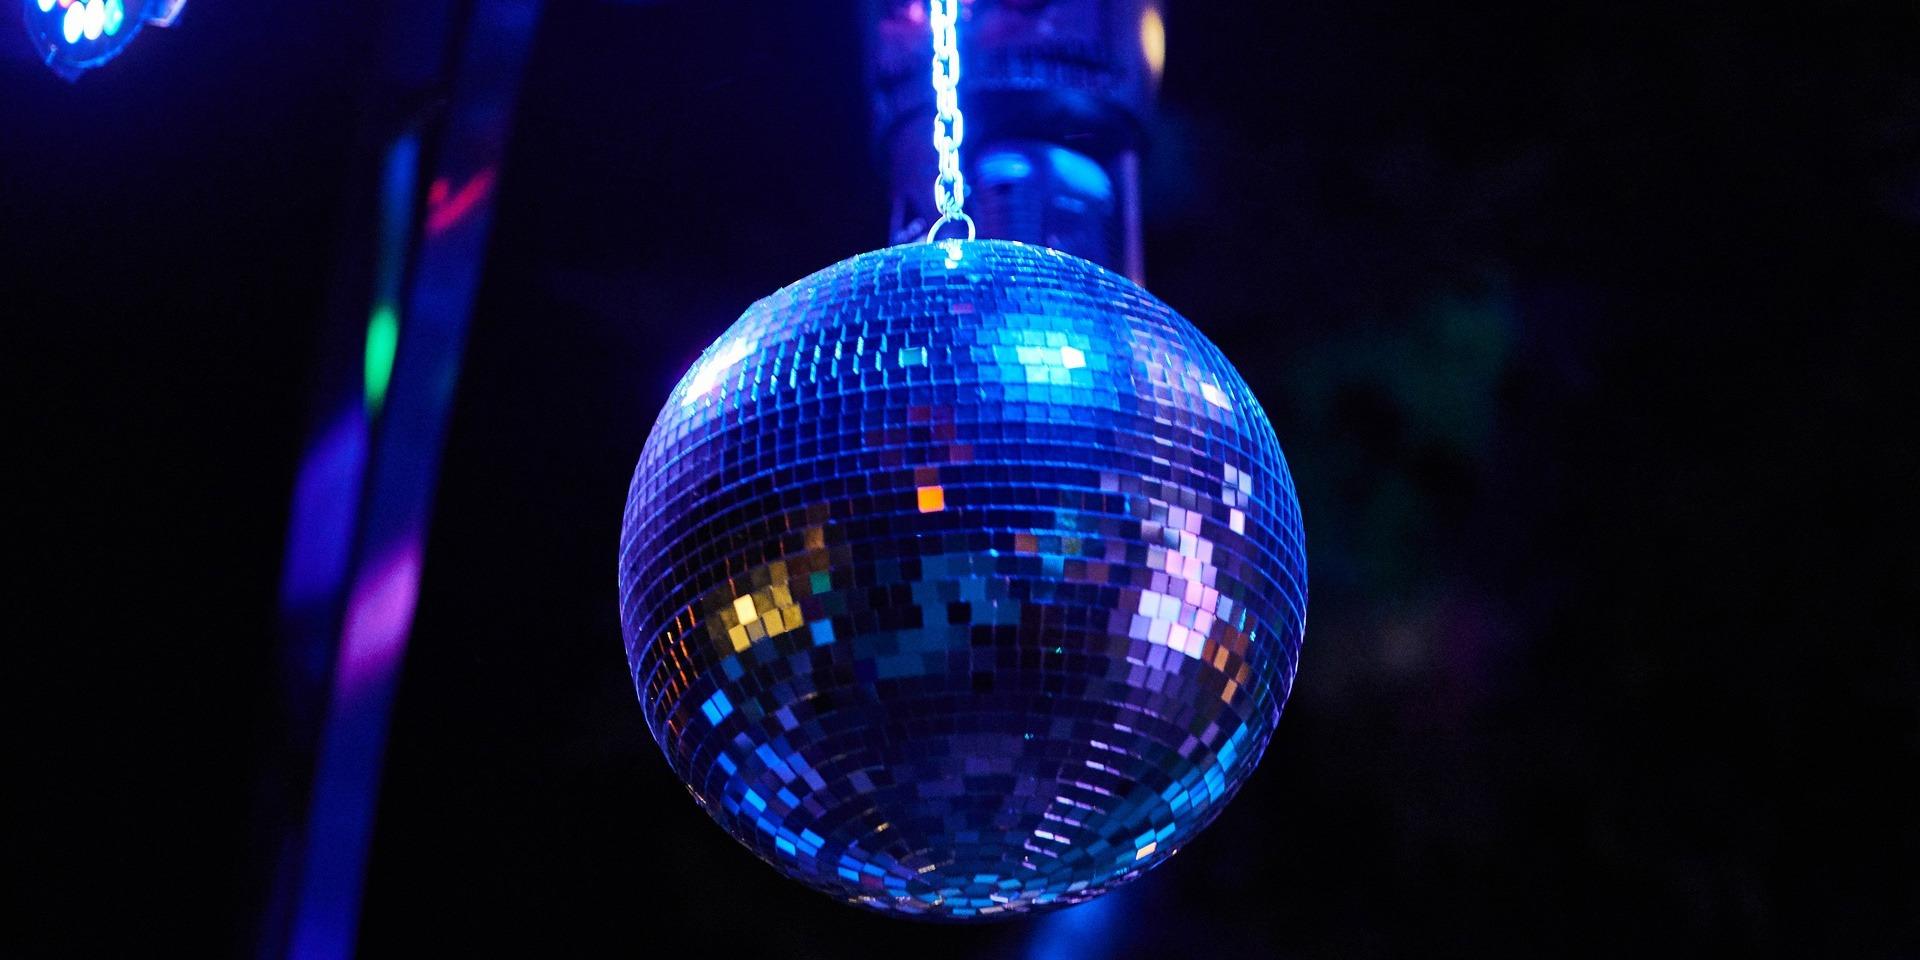 Lille : 78 clients d'une discothèque positifs au Covid-19 - Europe 1